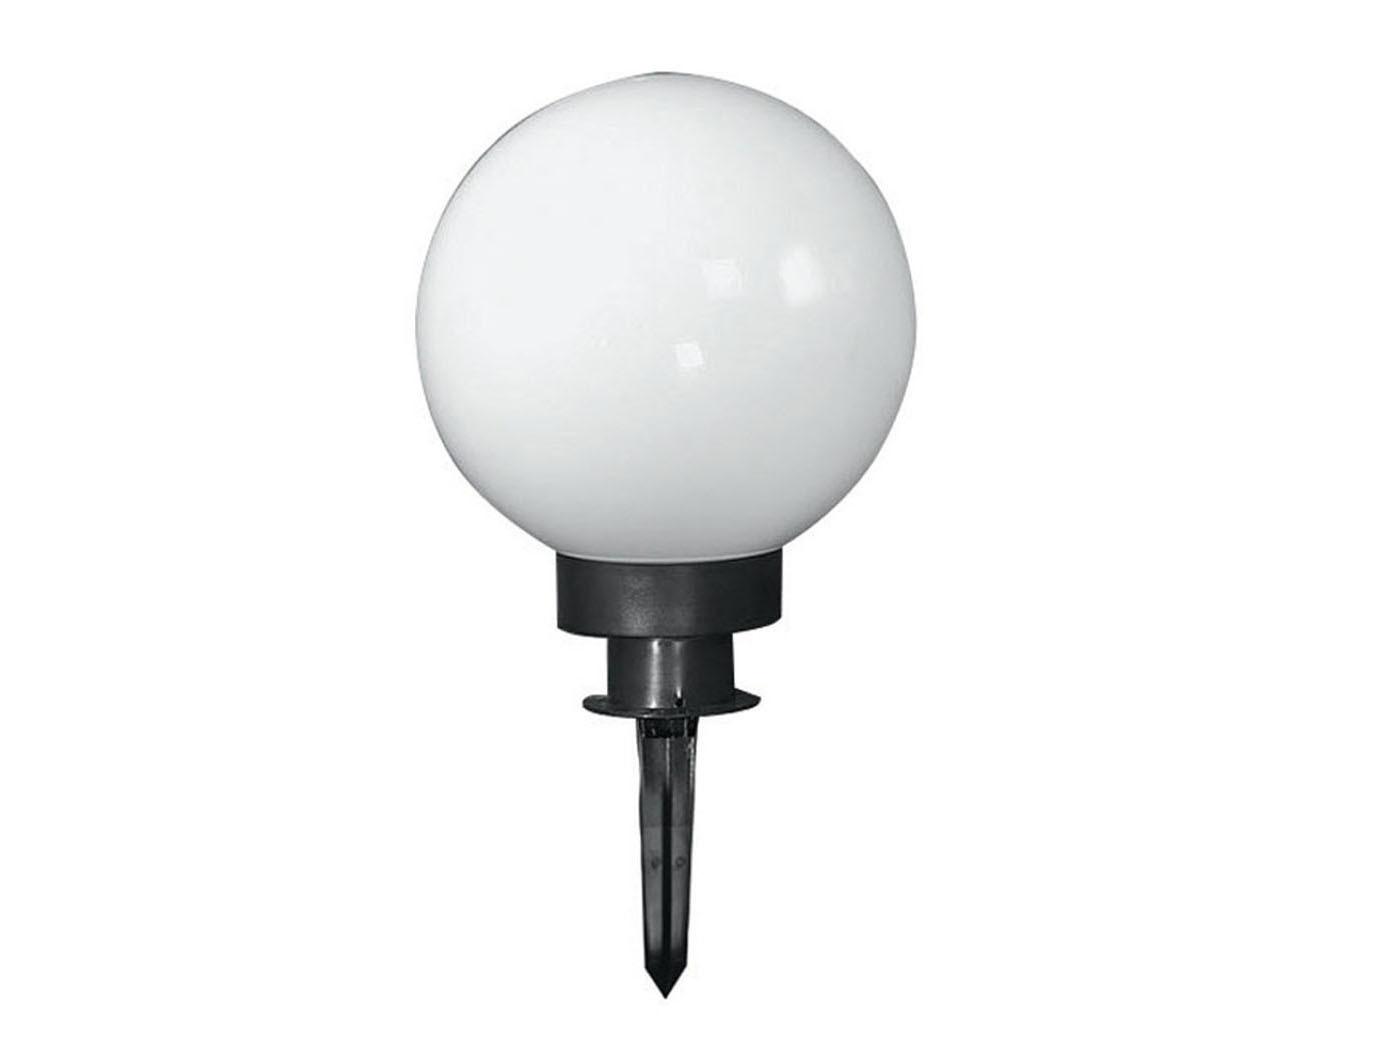 HONSEL Lampada ESTERNO LAMPADA SFERA 45cm con picchetto da Giardino a sfera illuminazione esterna